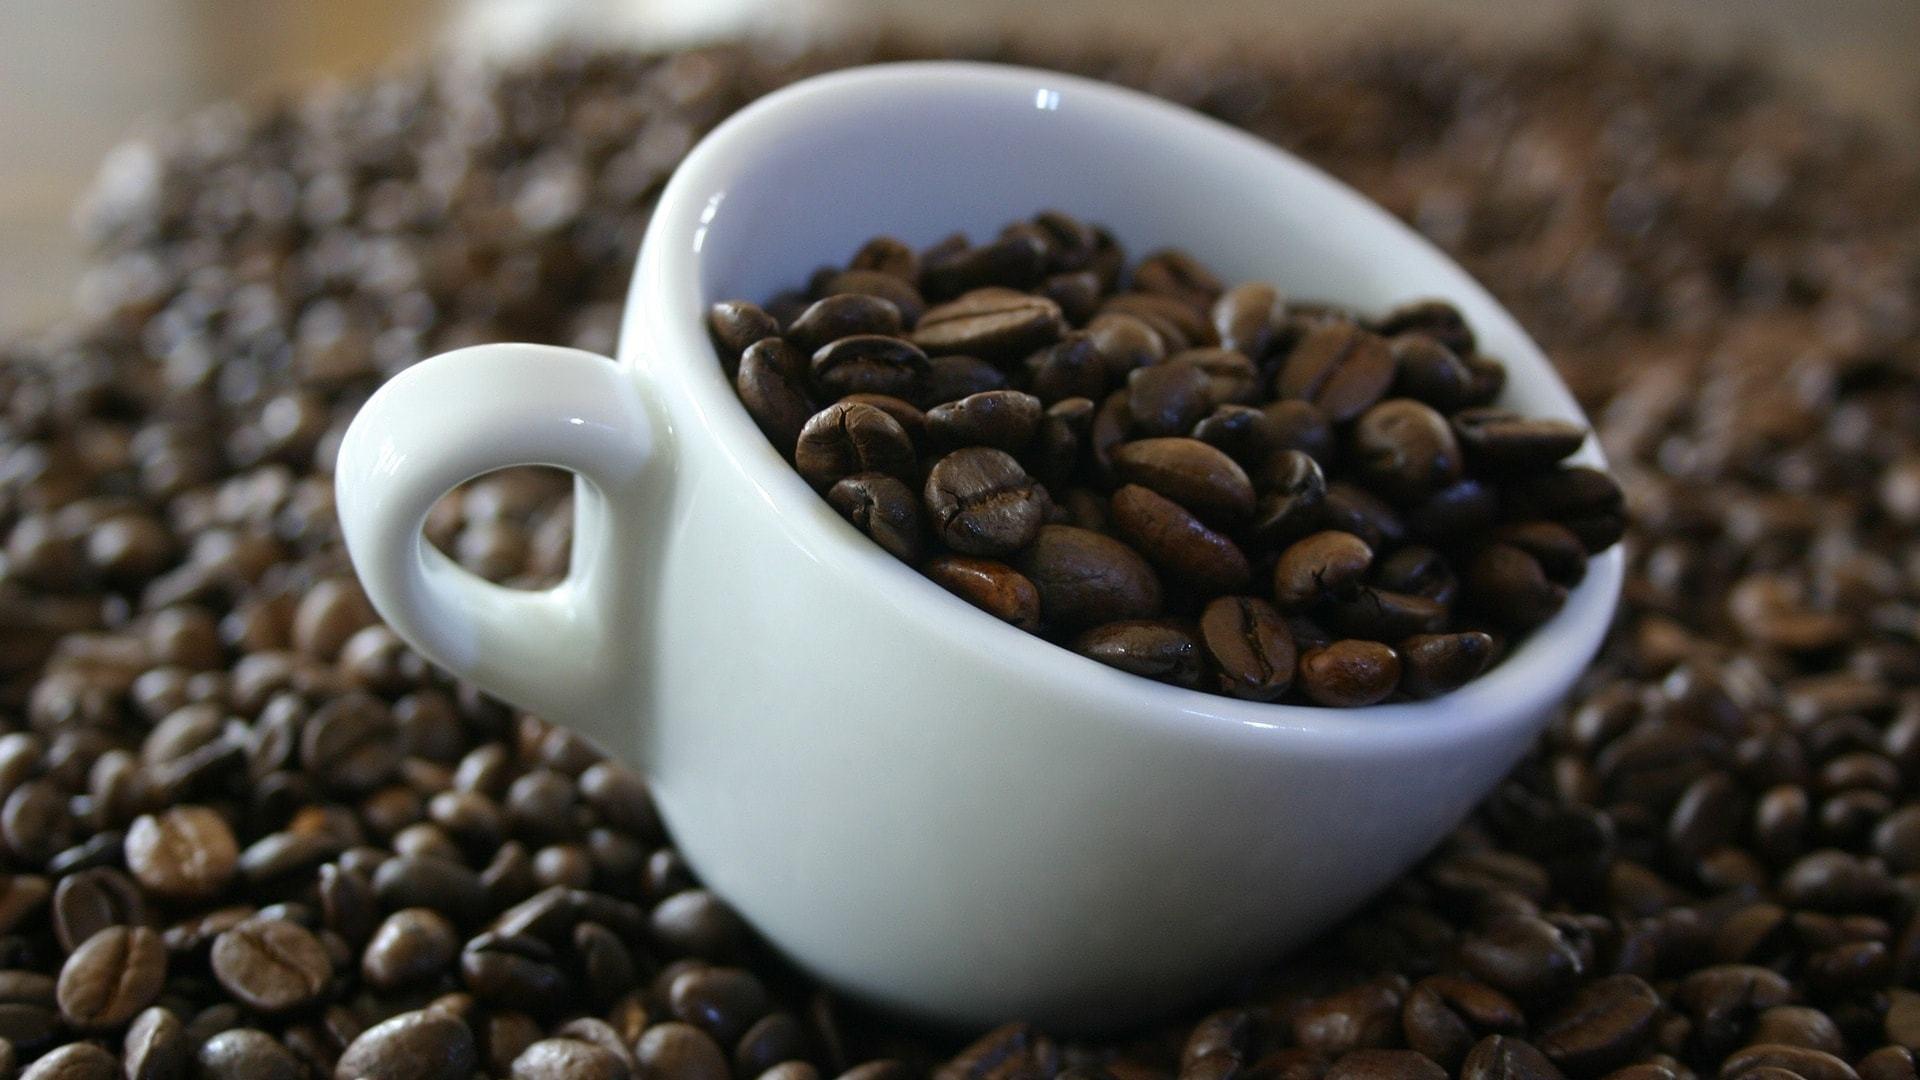 Xícara com grãos de café sobre mais grãos de café.